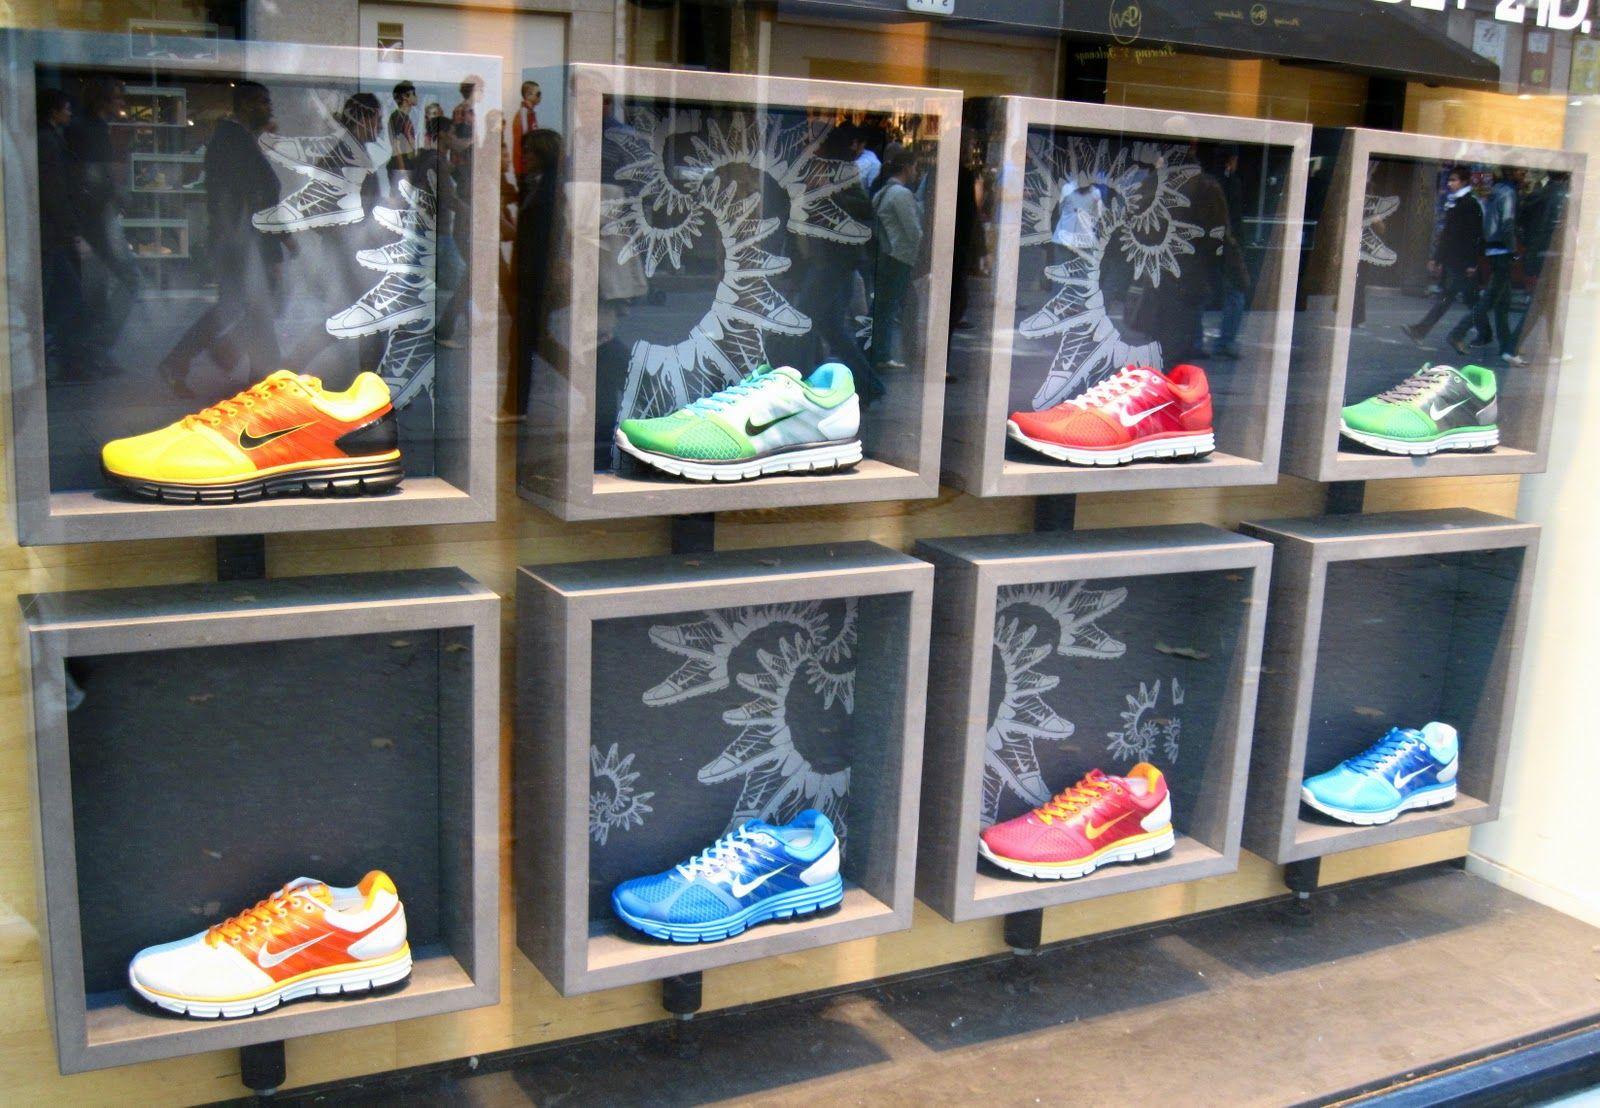 Pin De Edita En Anthro Storefronts Merch Ideas Vitrinas De Tienda Exhibicion Del Zapato Exhibicion De Producto